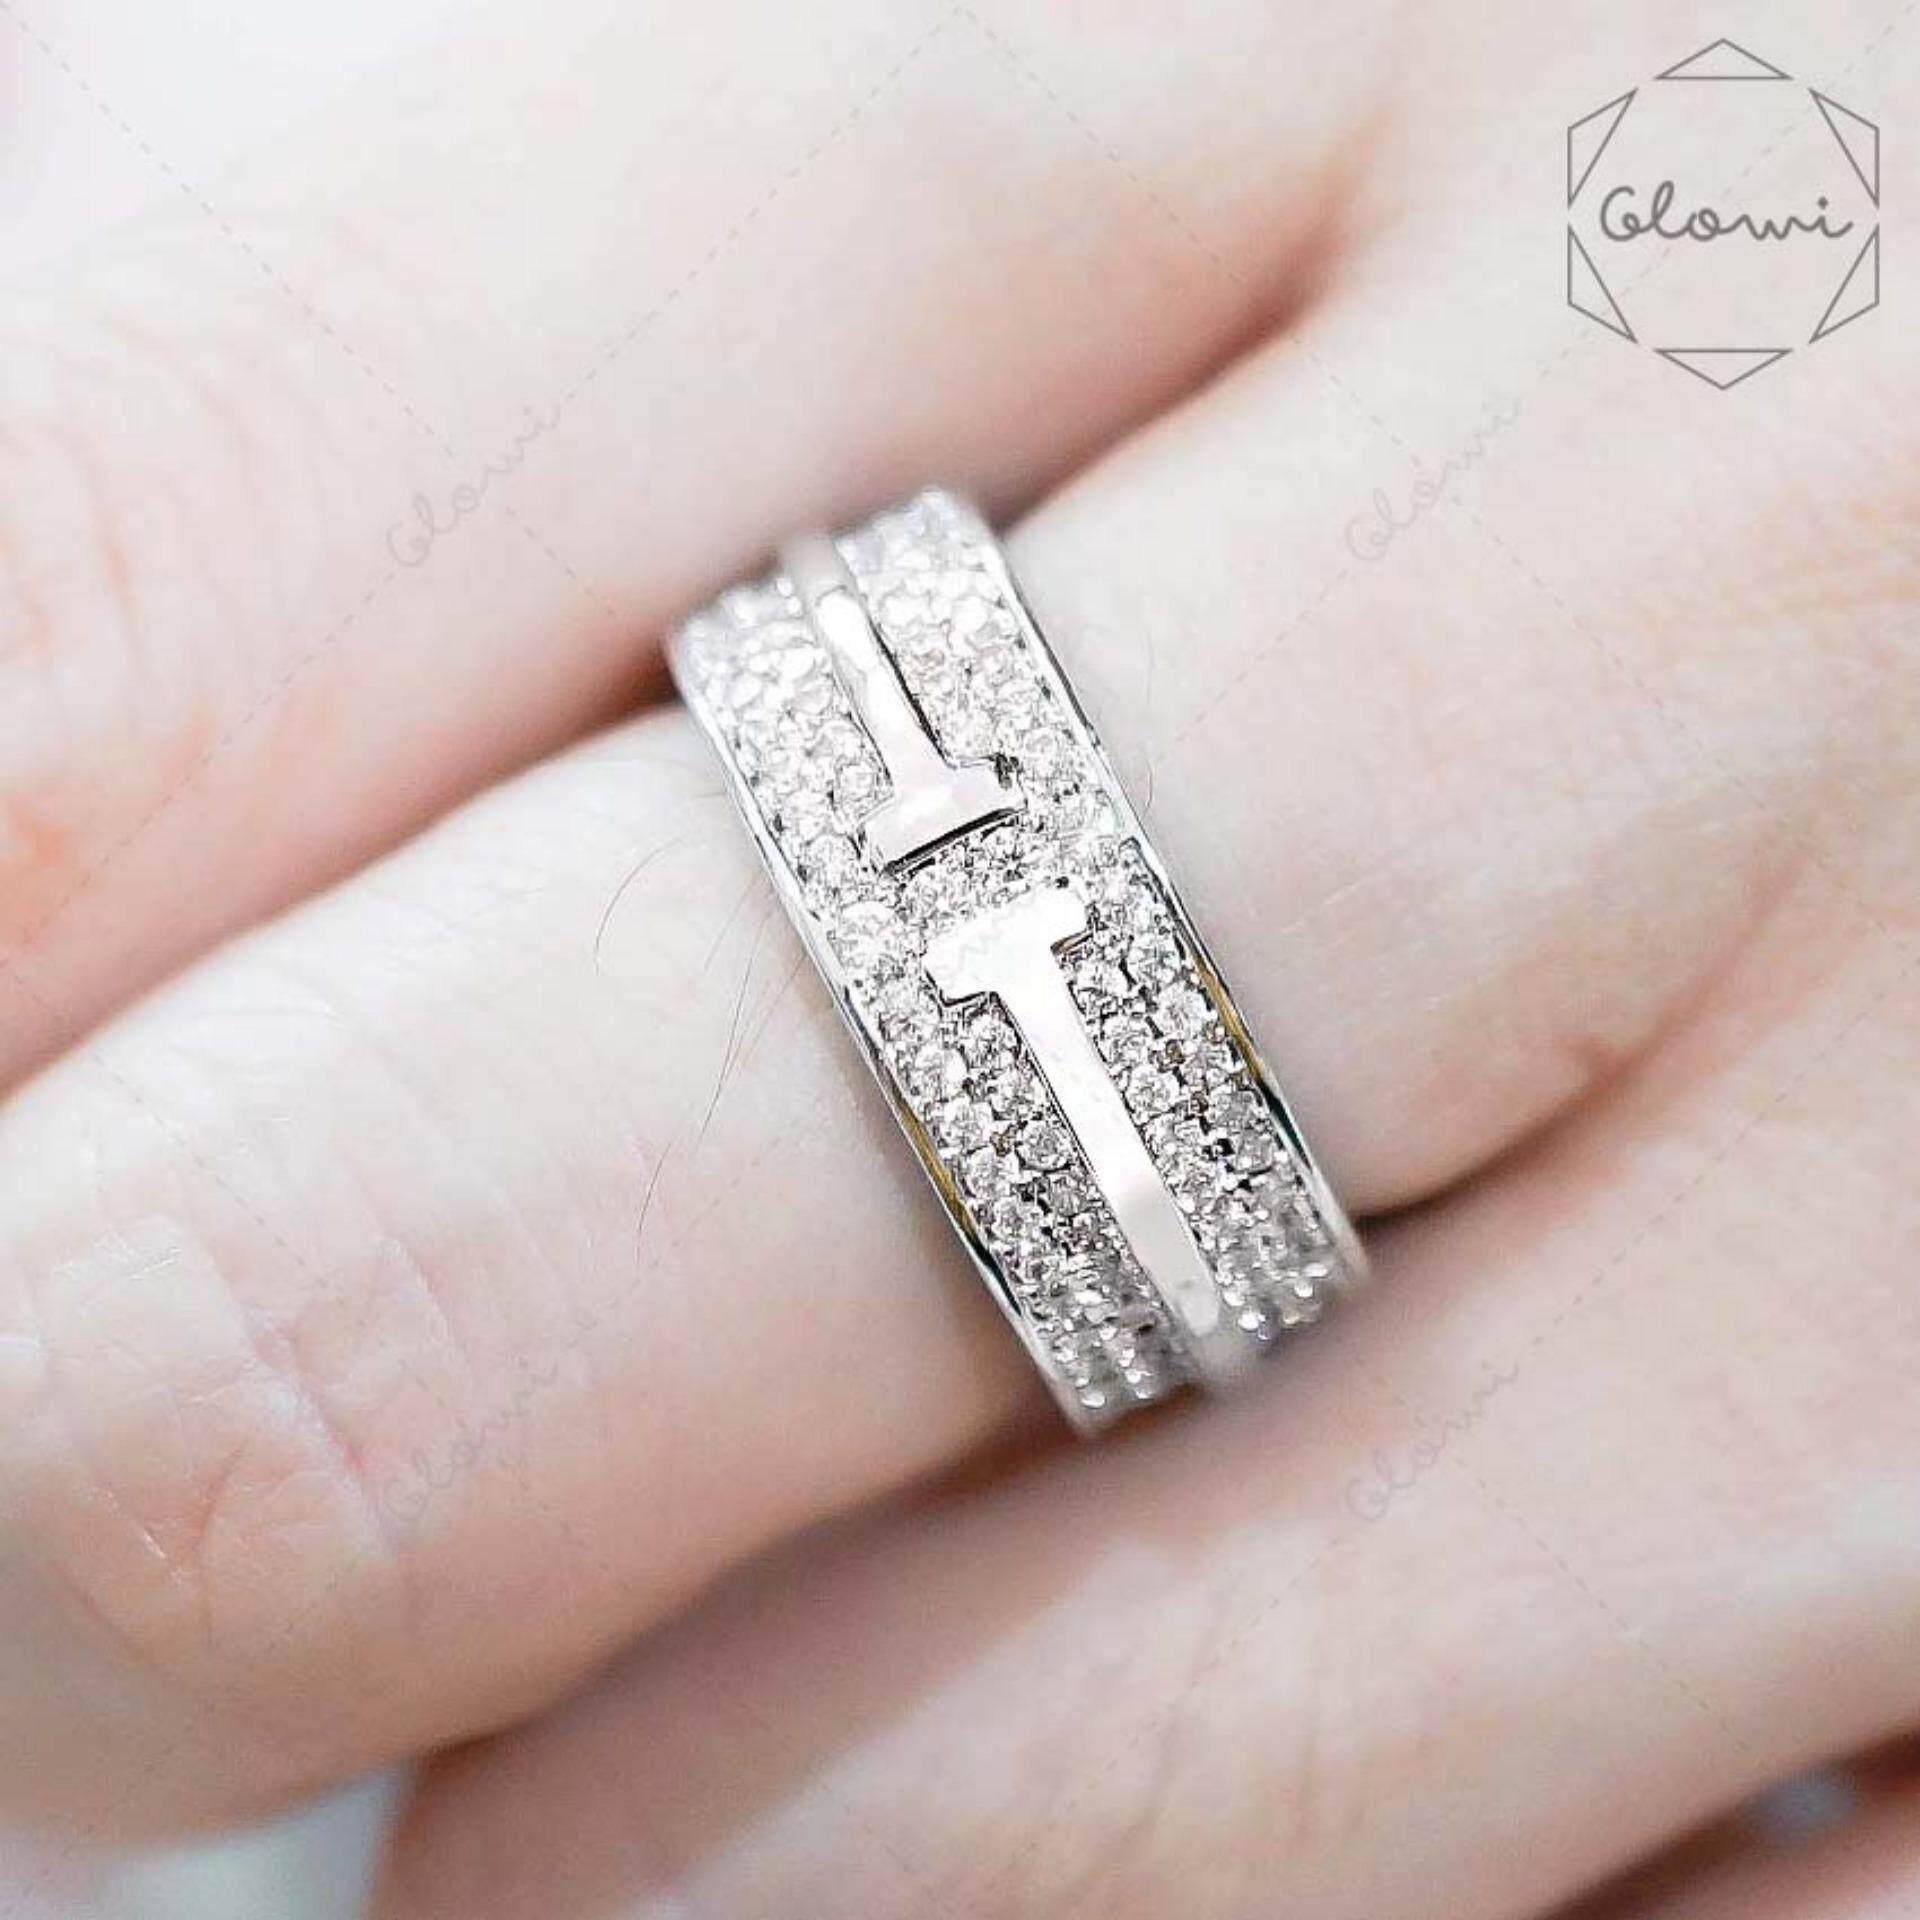 ส่วนลด Bewi G แหวนชุบทองคำขาว ฝังเพชร Cz ล้อมรอบวง 2 ชั้น สไตล์ Cartier รุ่น Bg R0053 สีเงิน Silver